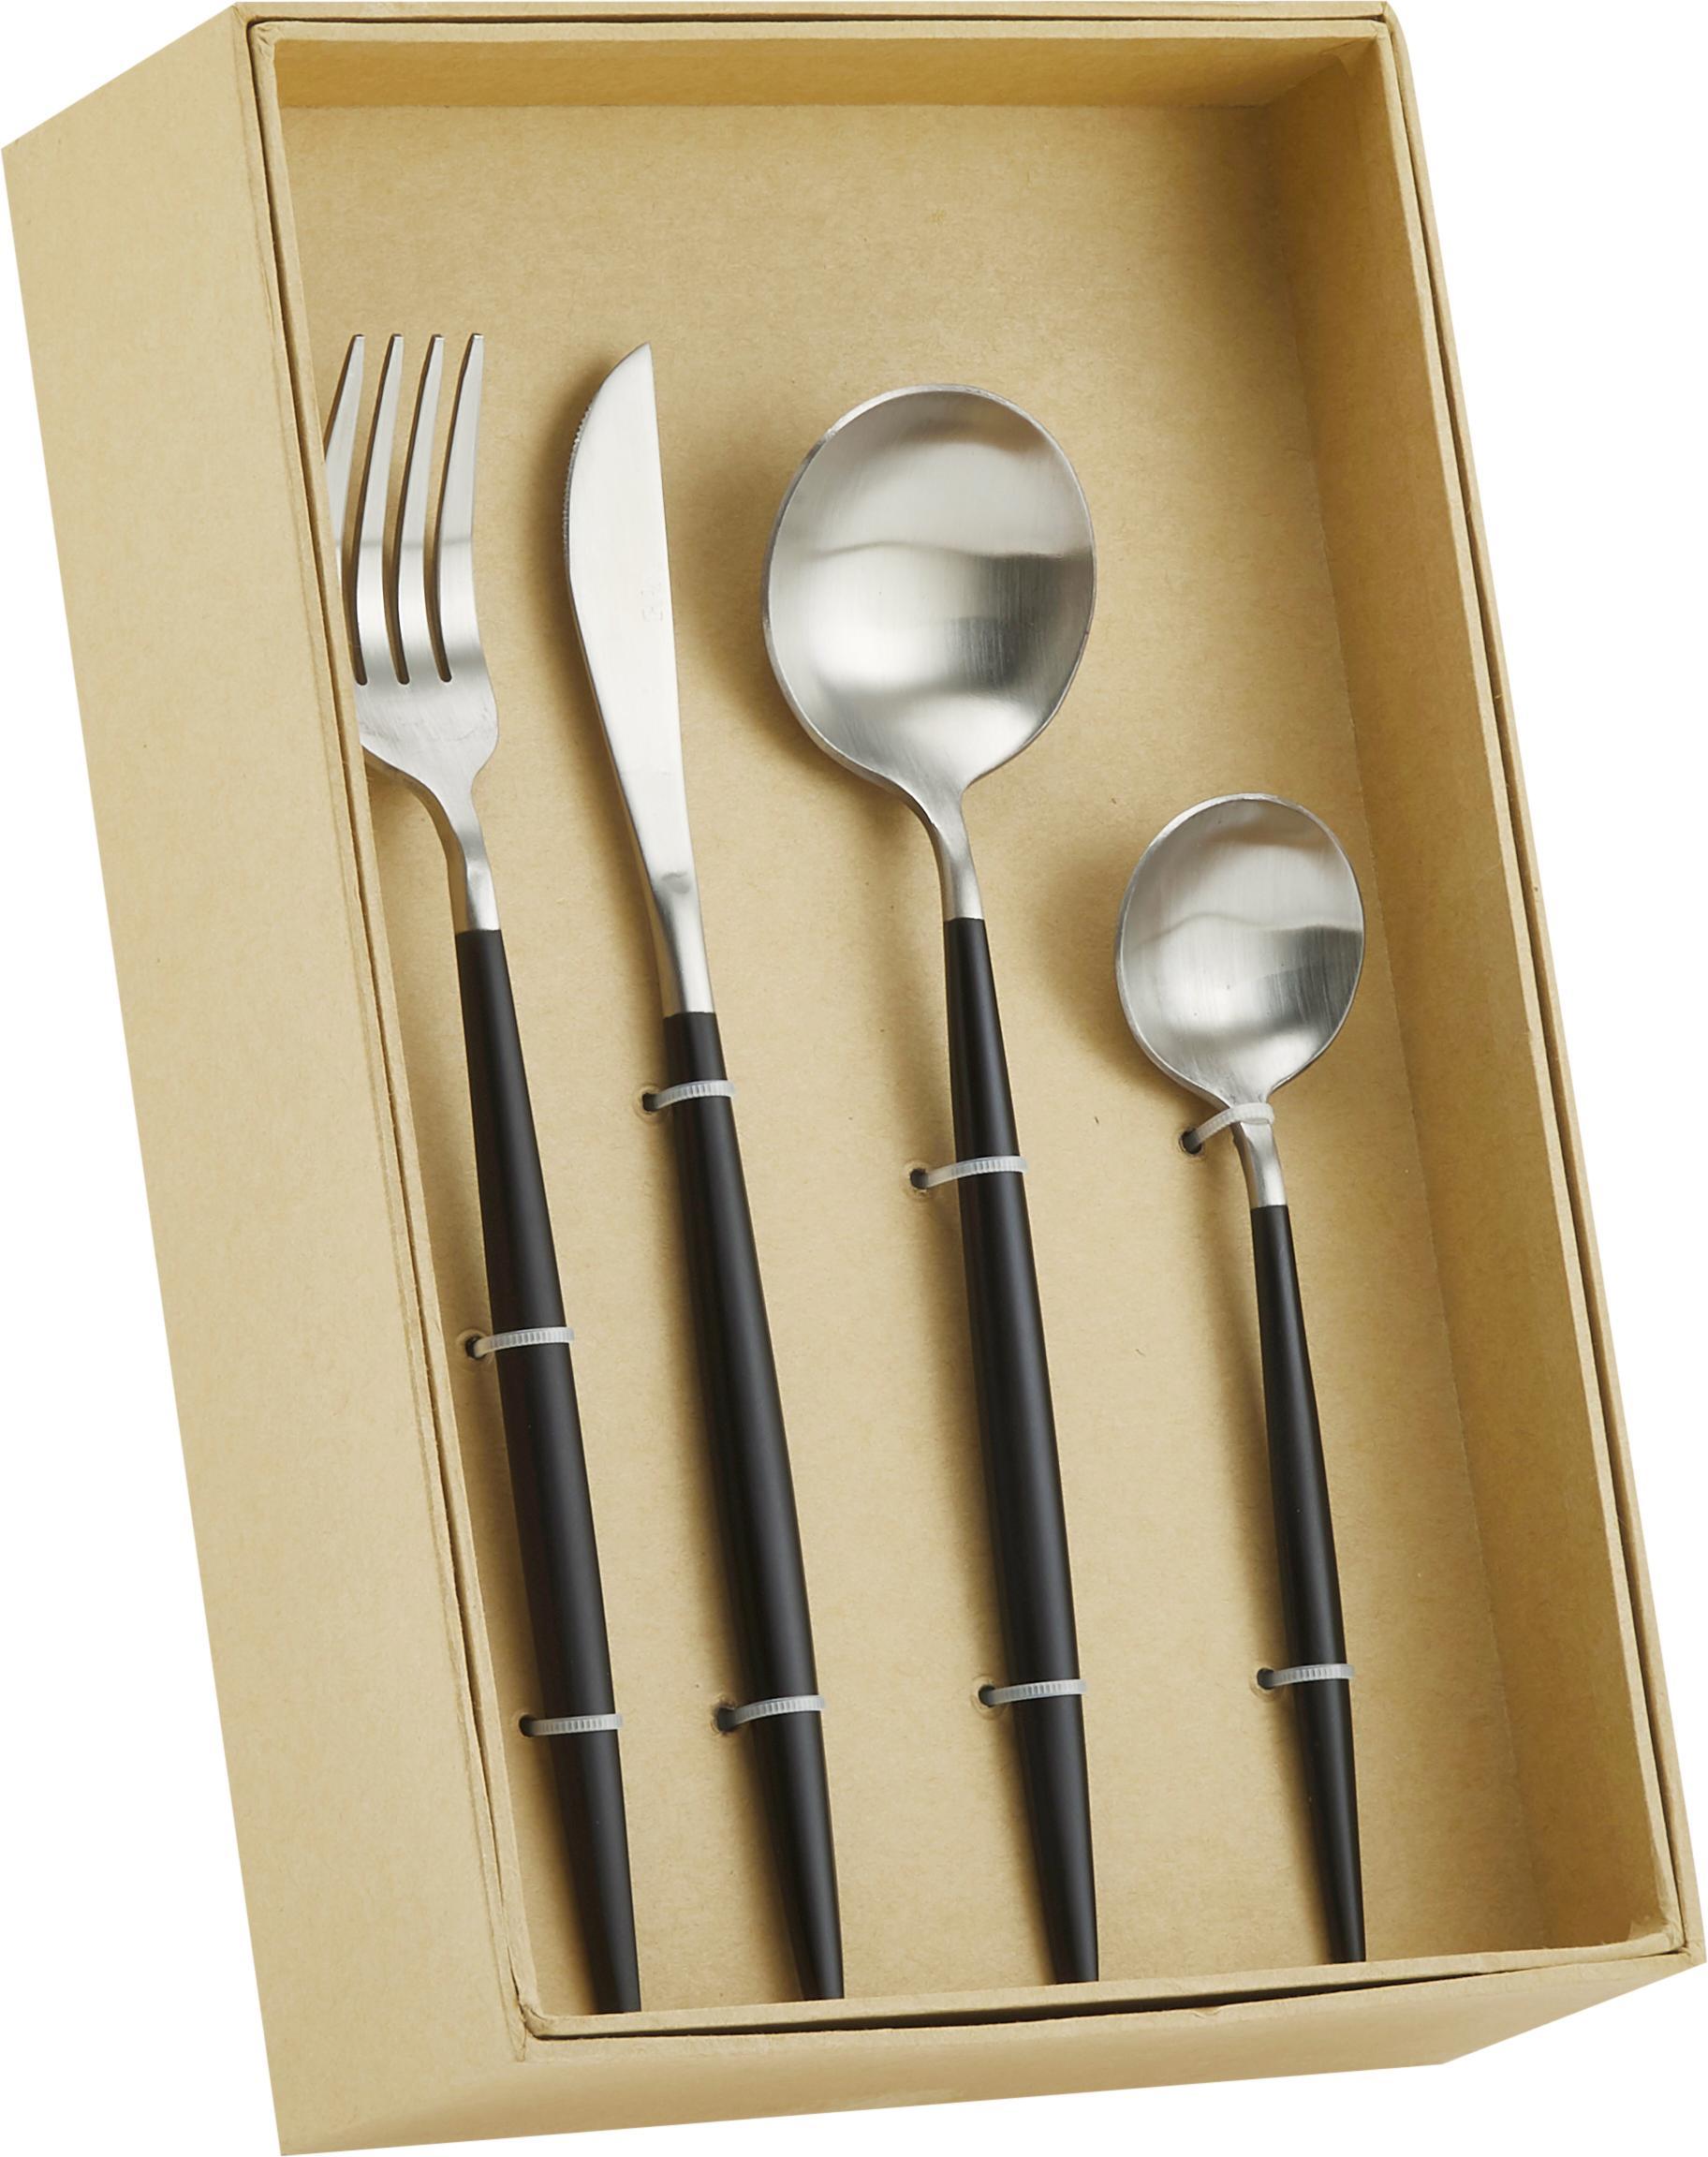 Silbernes Besteck-Set Style mit schwarzem Griff, 6 Personen (24-tlg), Edelstahl, Edelstahl, Schwarz, Sondergrößen